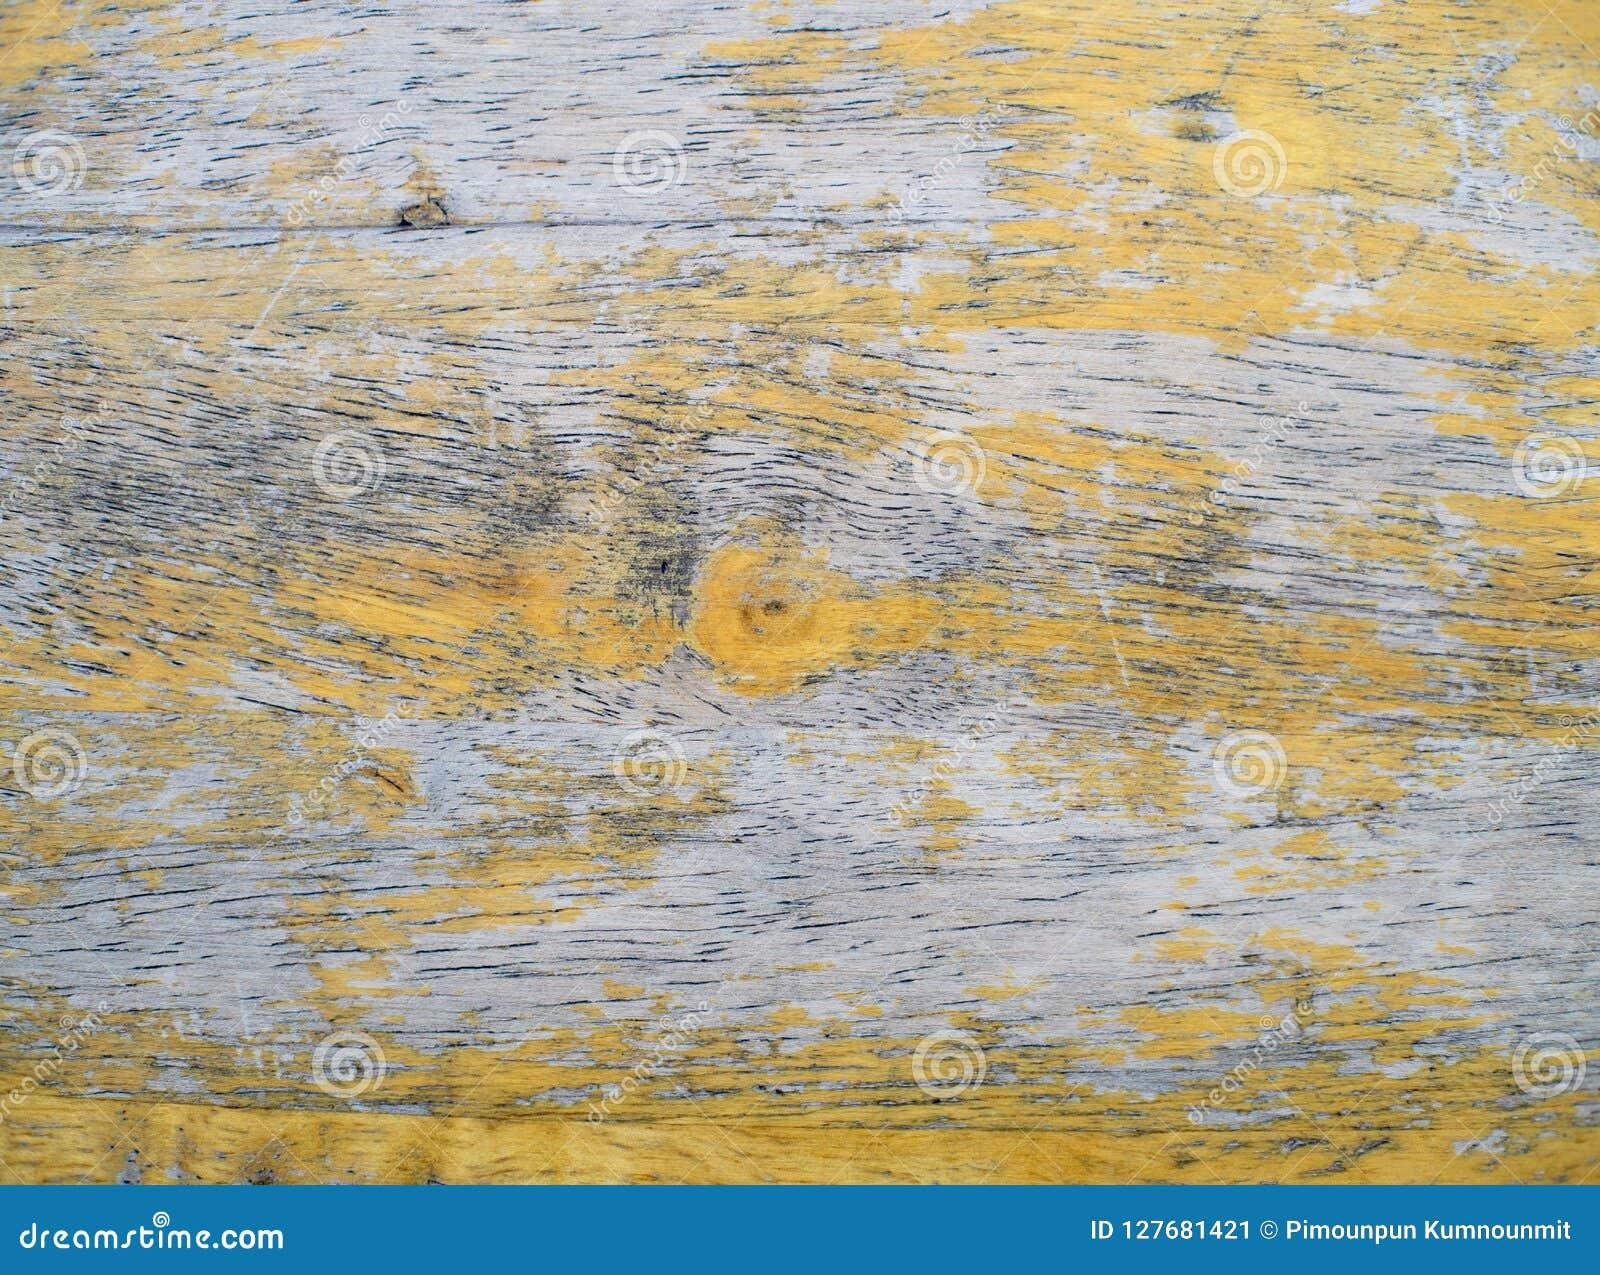 Oude houten achtergrond, Pellende verf, houten textuur Gele kleuren uitstekende stijl